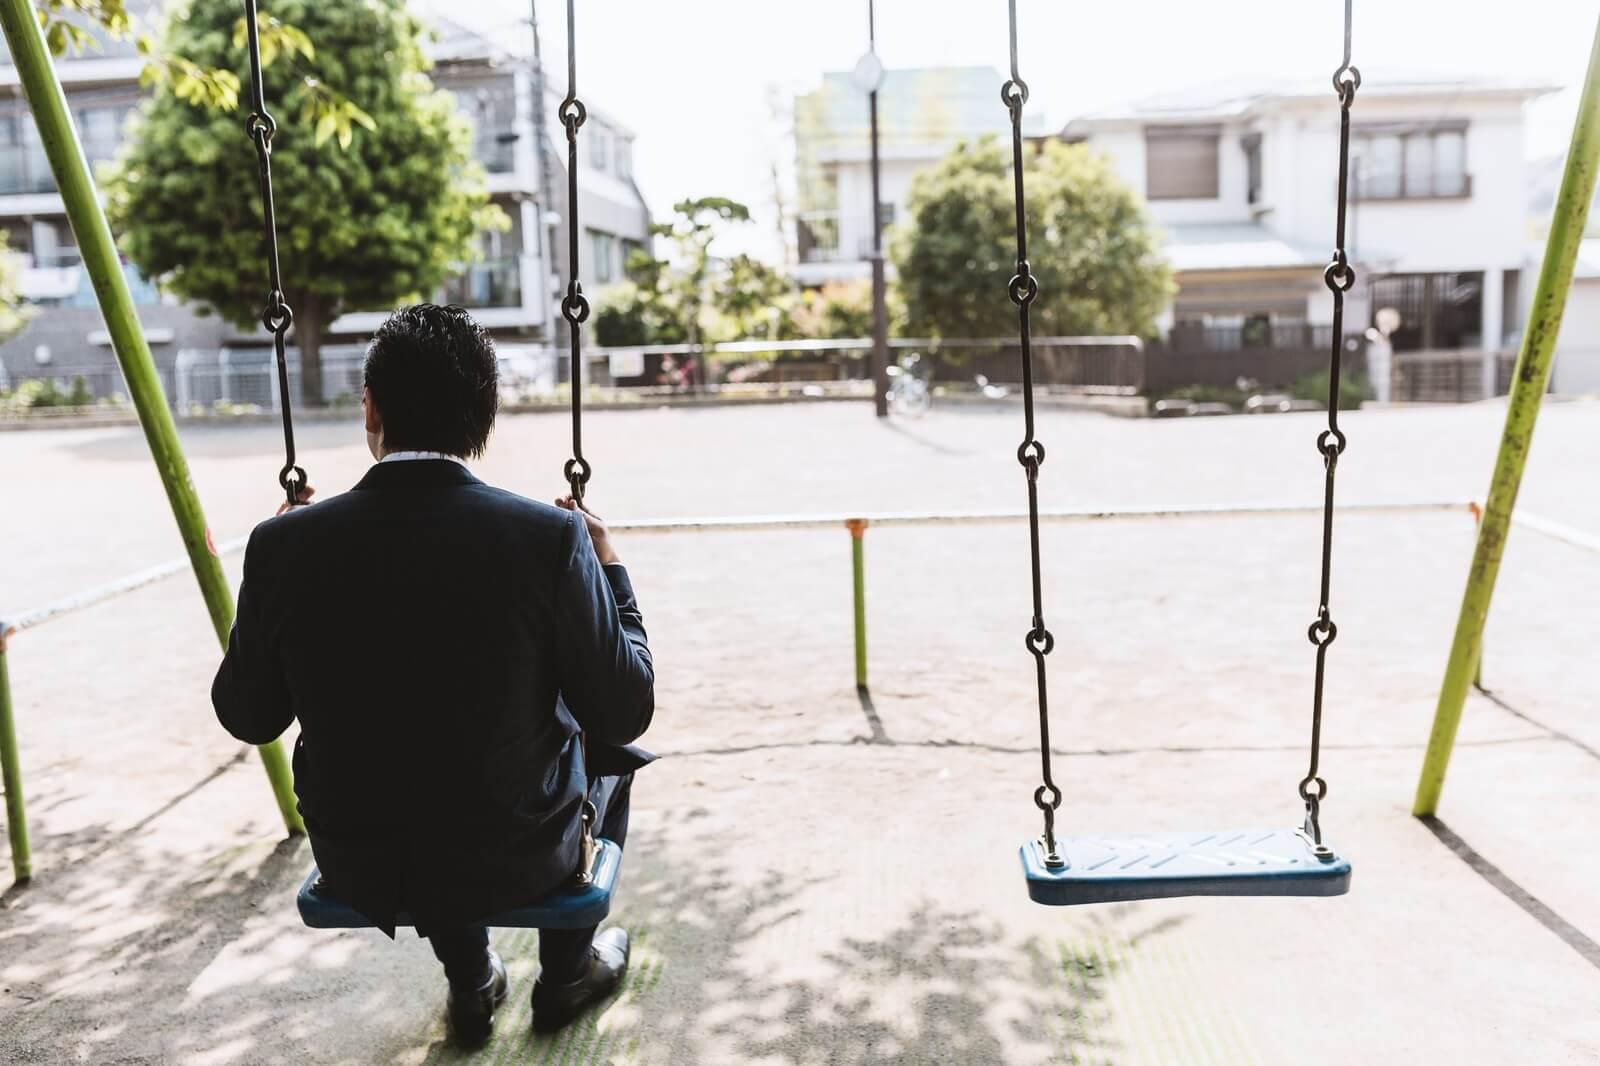 月のお小遣いが3万円から0円になって落ち込んでいるサラリーマン